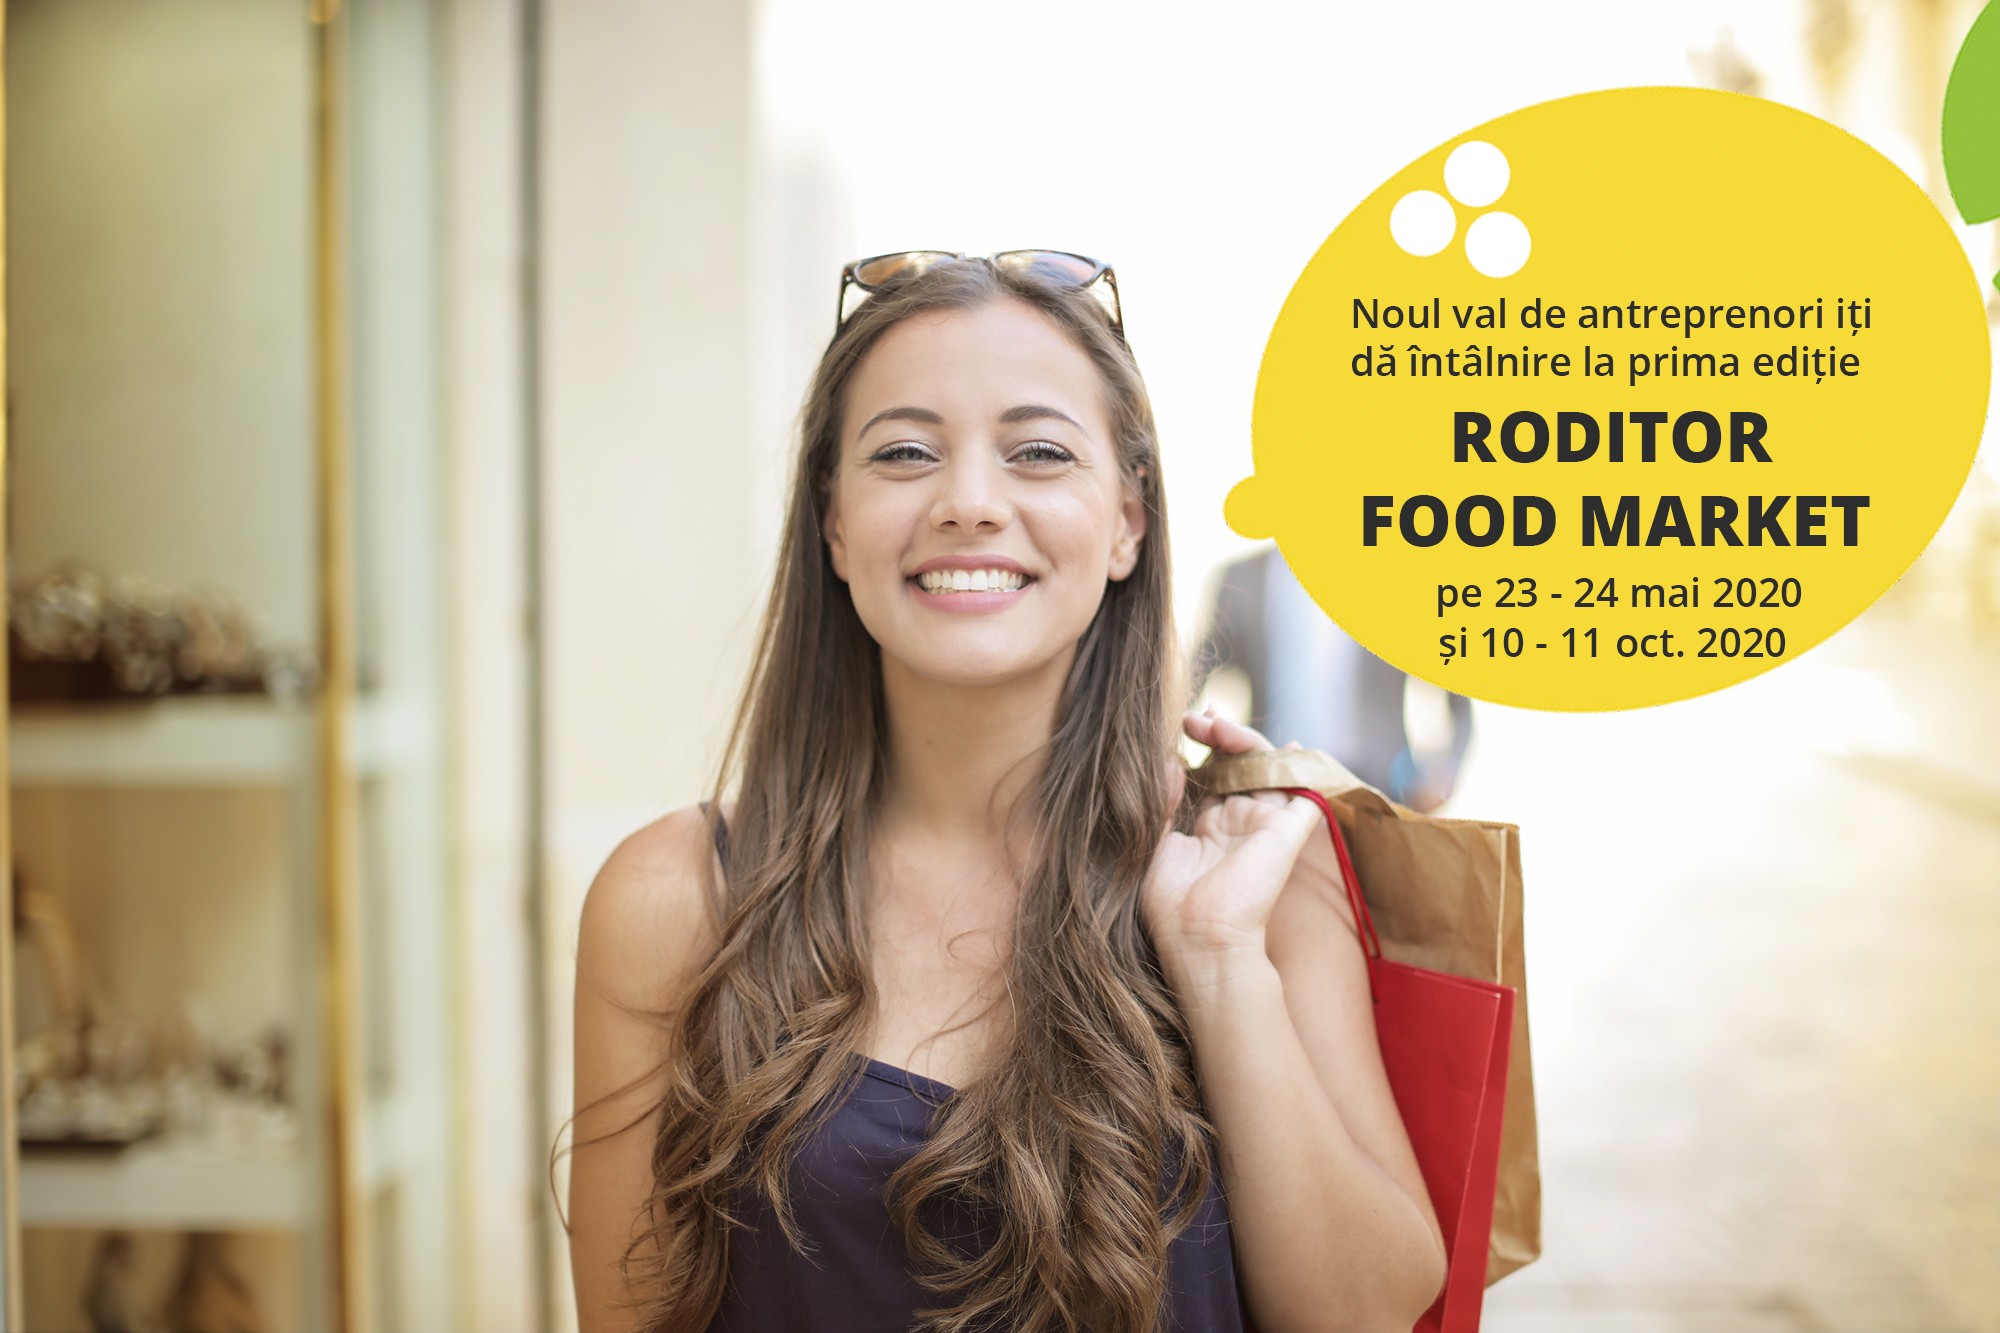 Roditor Food Market 2020 București